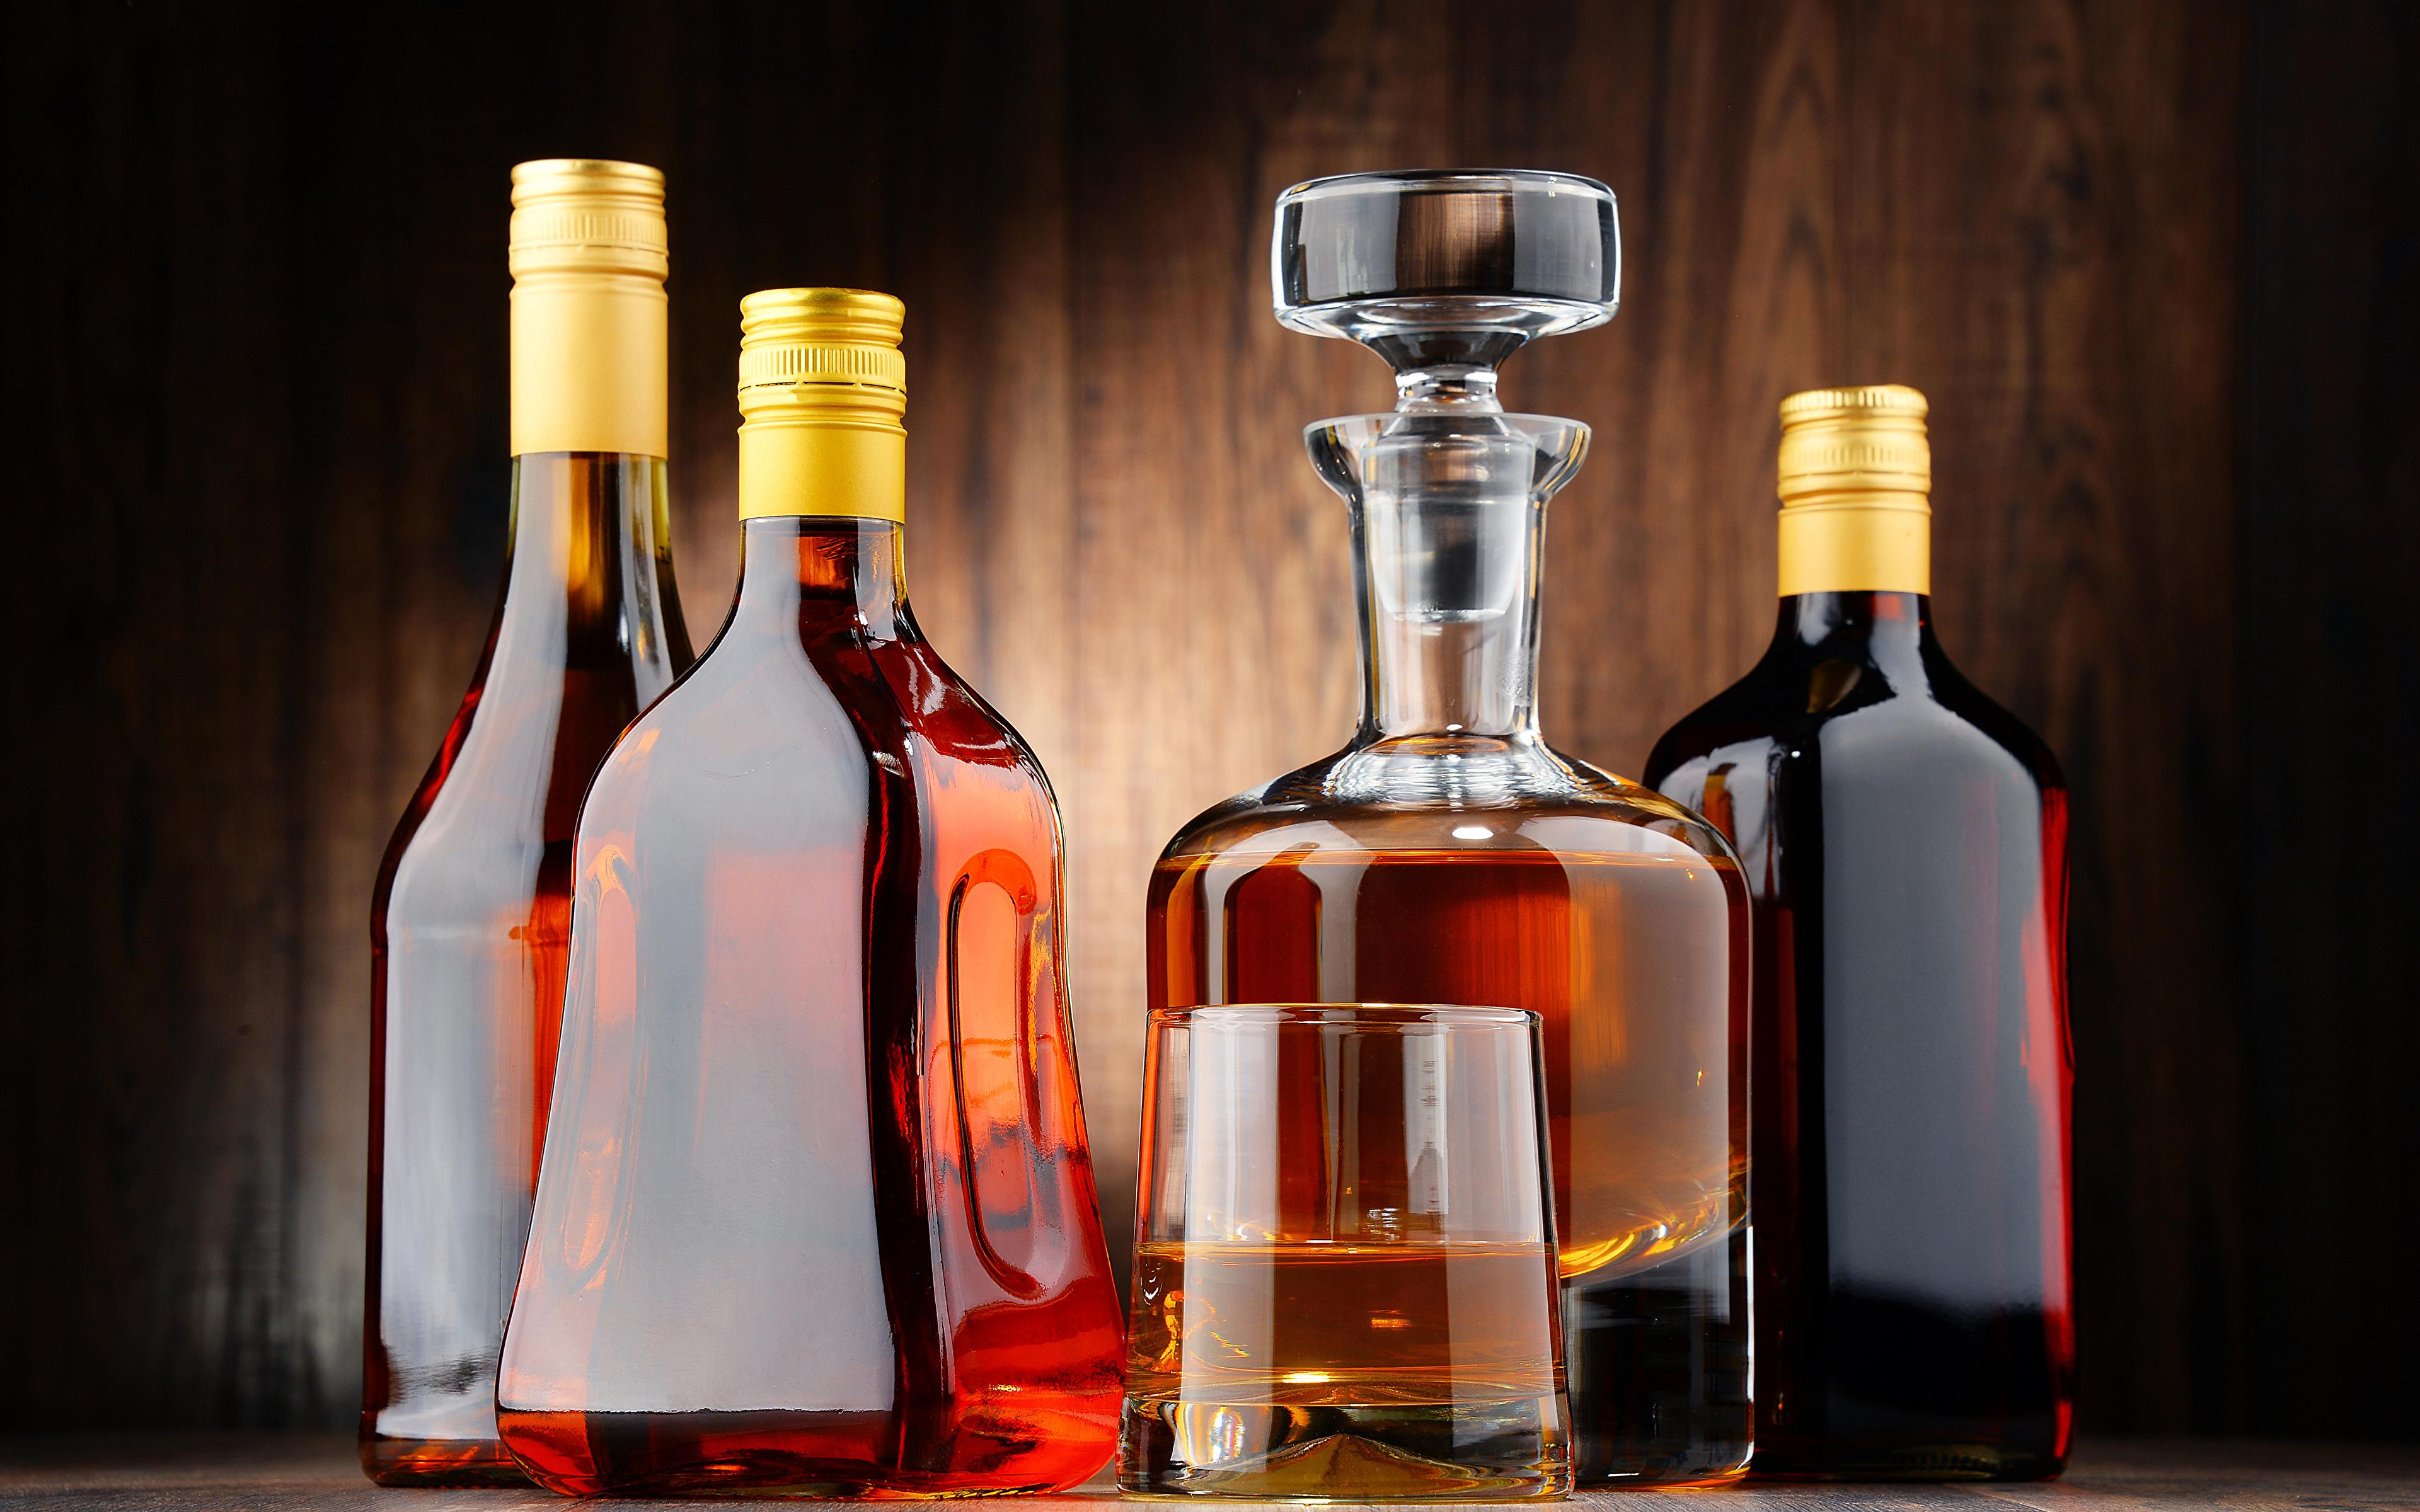 Bilder von Flasche Lebensmittel Getränke 3840x2400 flaschen